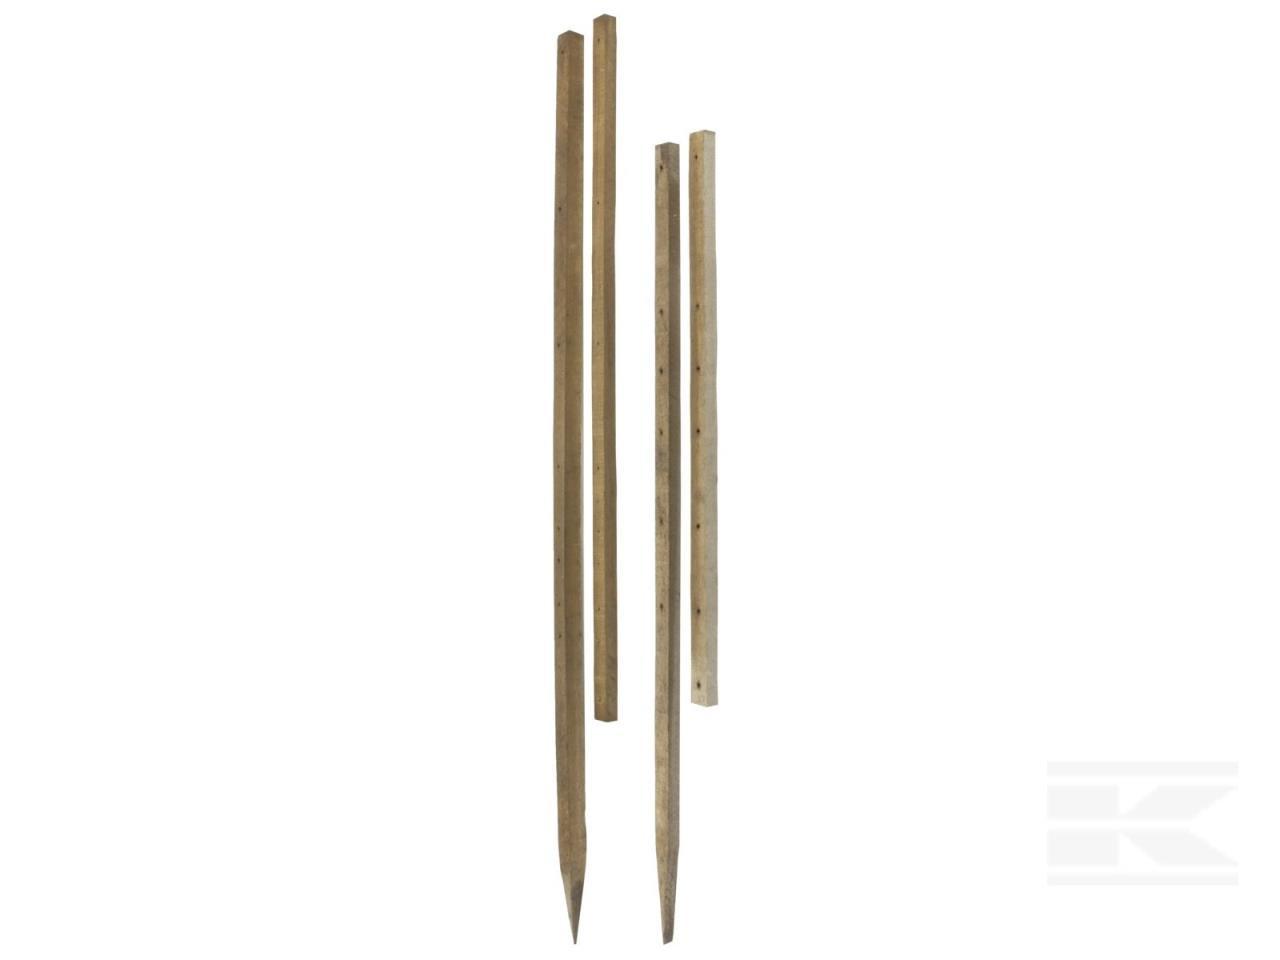 Pæl, Isotræ, 1350x38x26mm